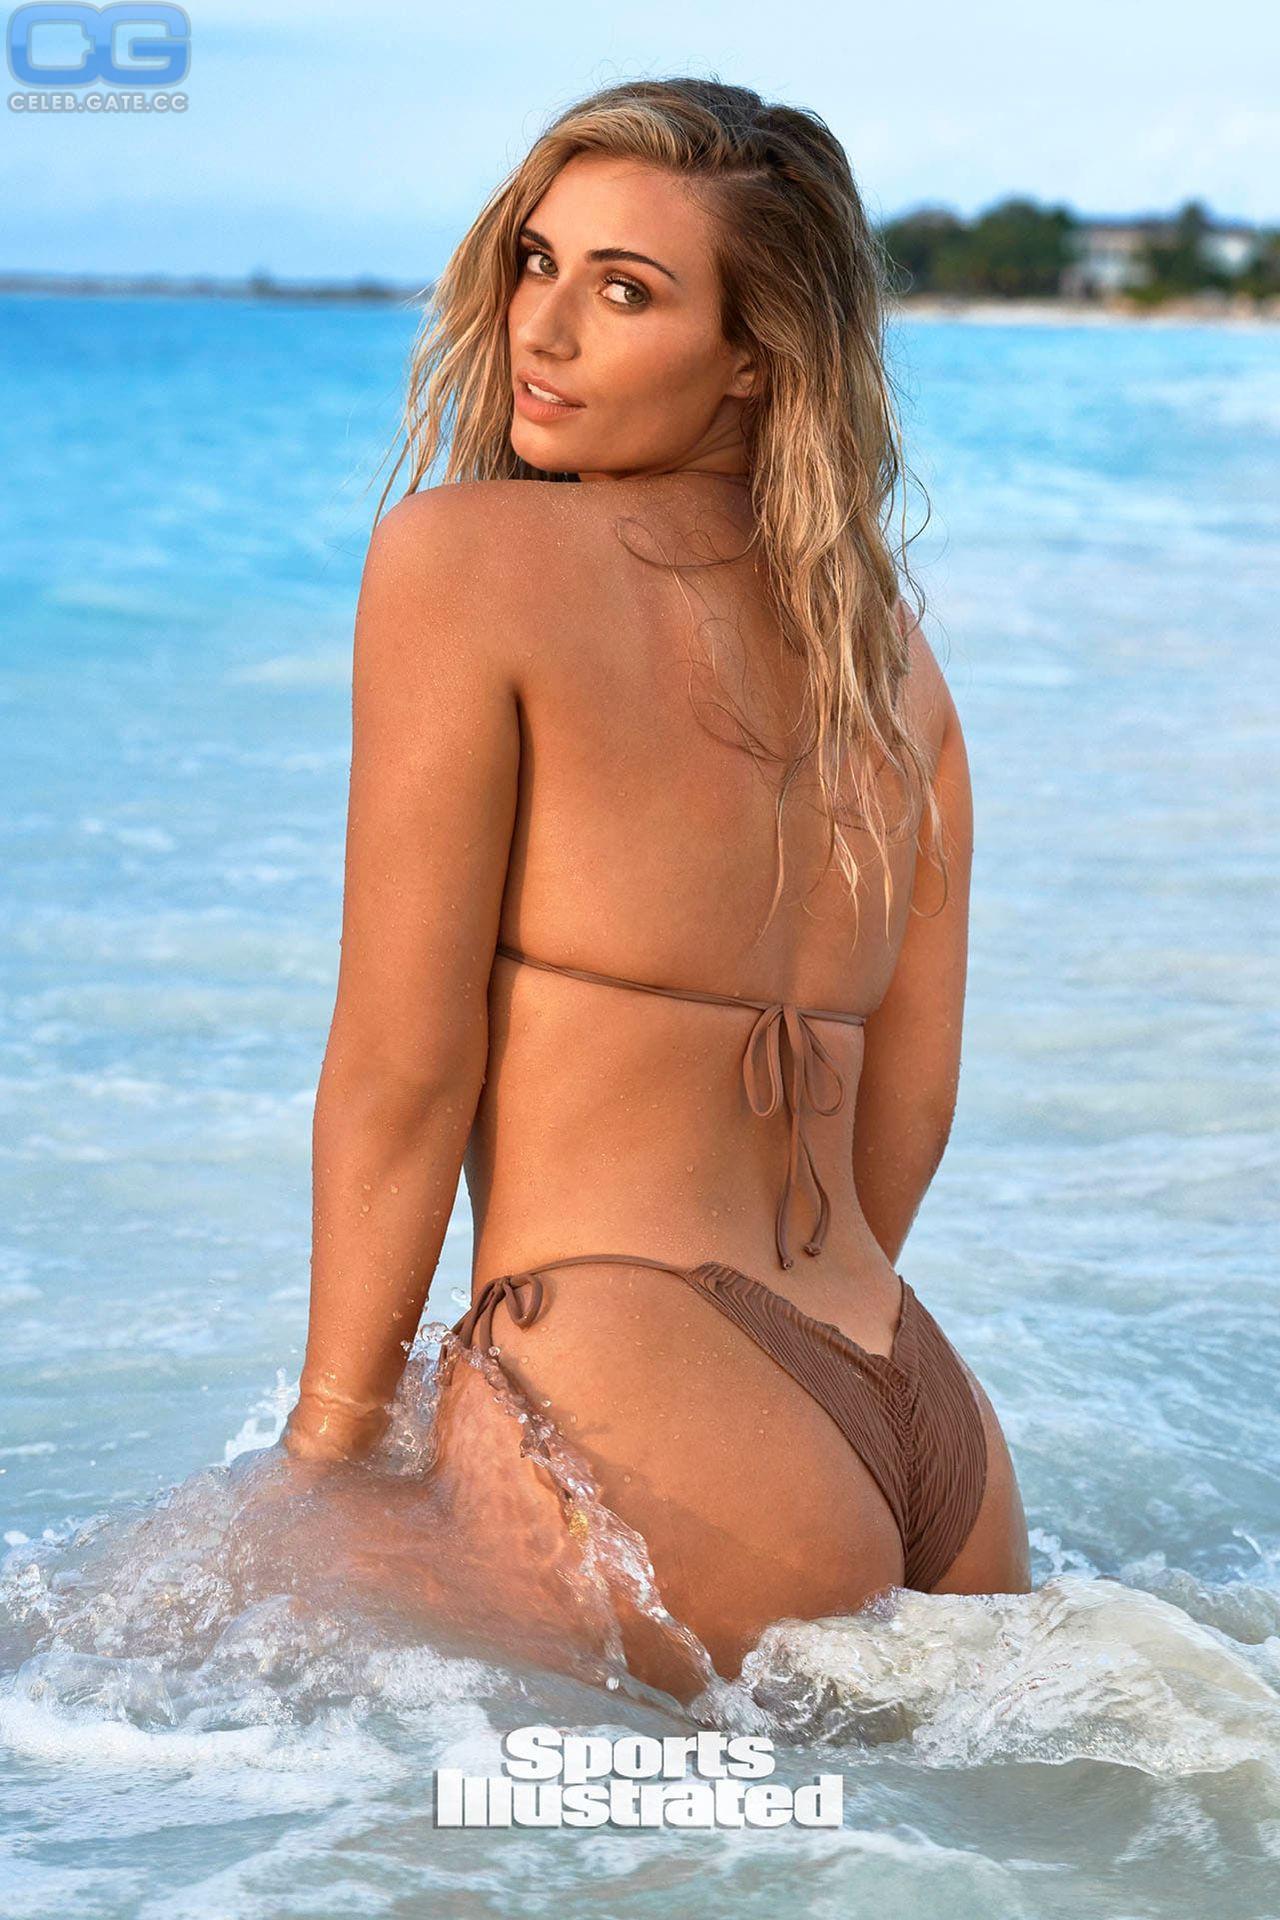 Nackt clarissa 'Nude photos'